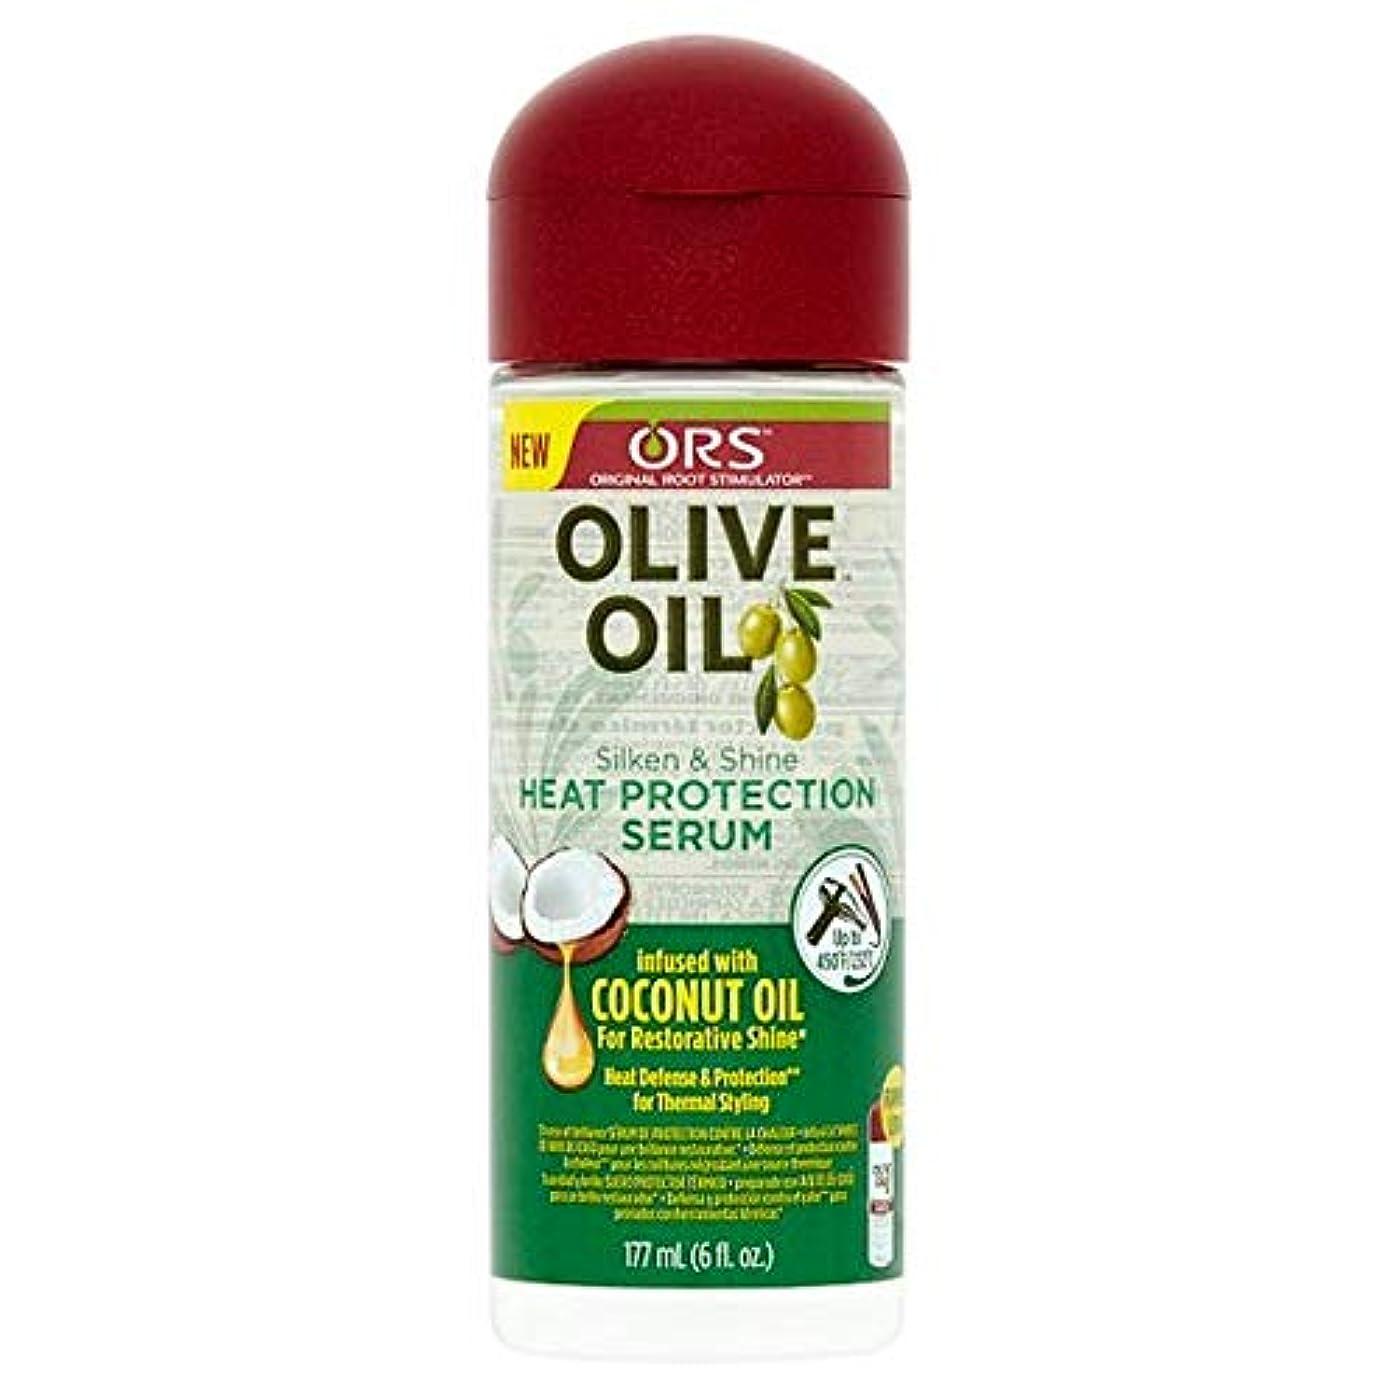 もろい誰砂[Ors] オリーブオイルの熱保護血清117ミリリットル - Olive Oil Heat Protection Serum 117Ml [並行輸入品]